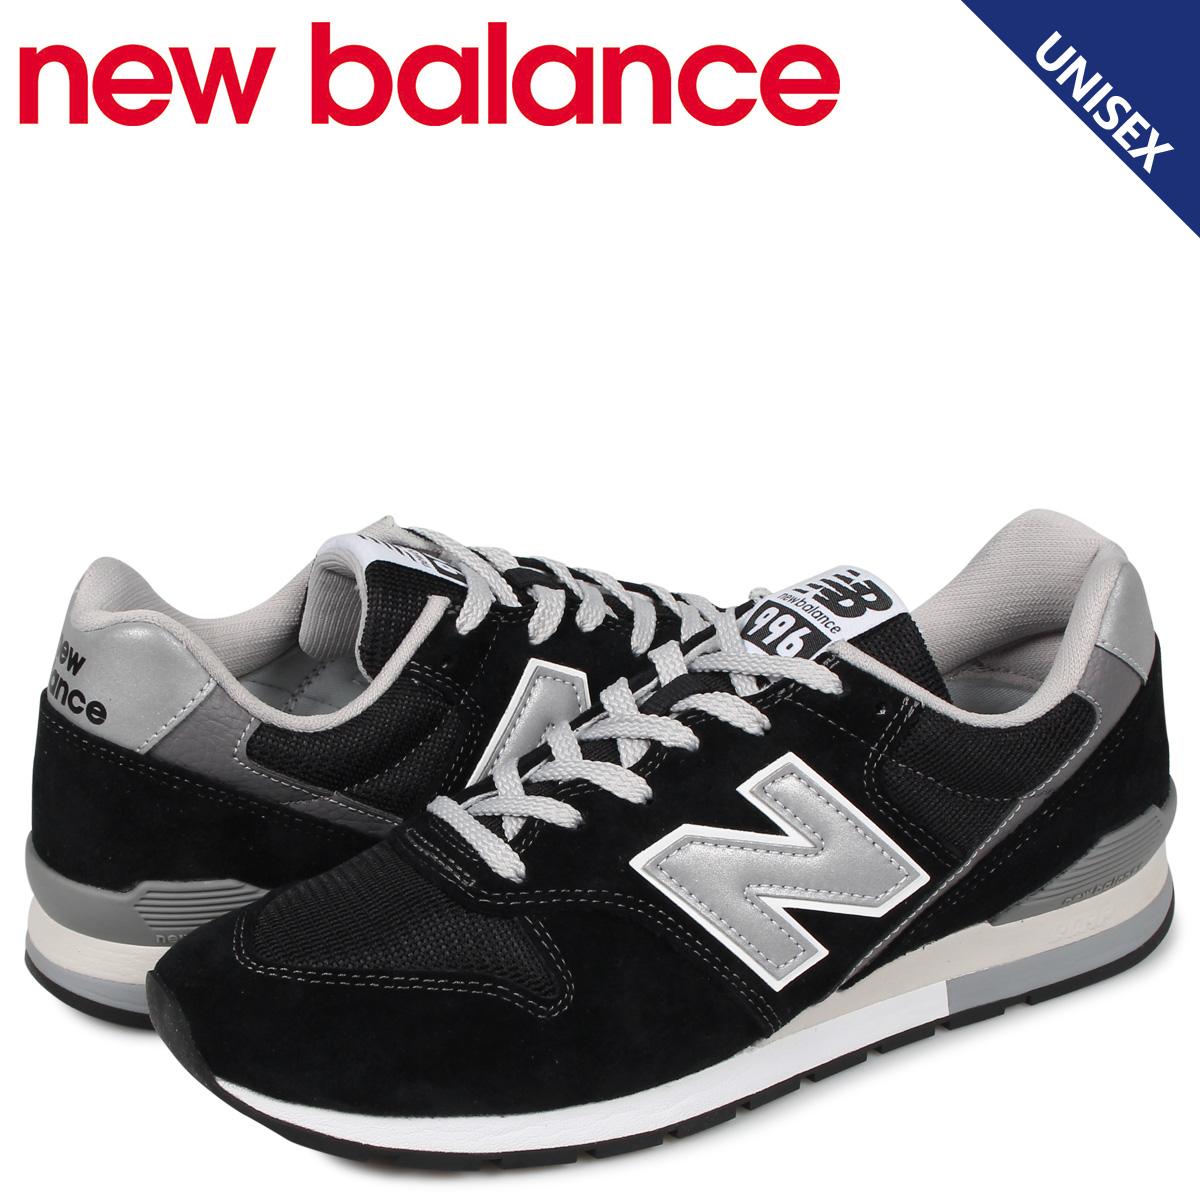 ニューバランス new balance 996 スニーカー メンズ レディース Dワイズ ブラック 黒 CM996BP [4/9 追加入荷]